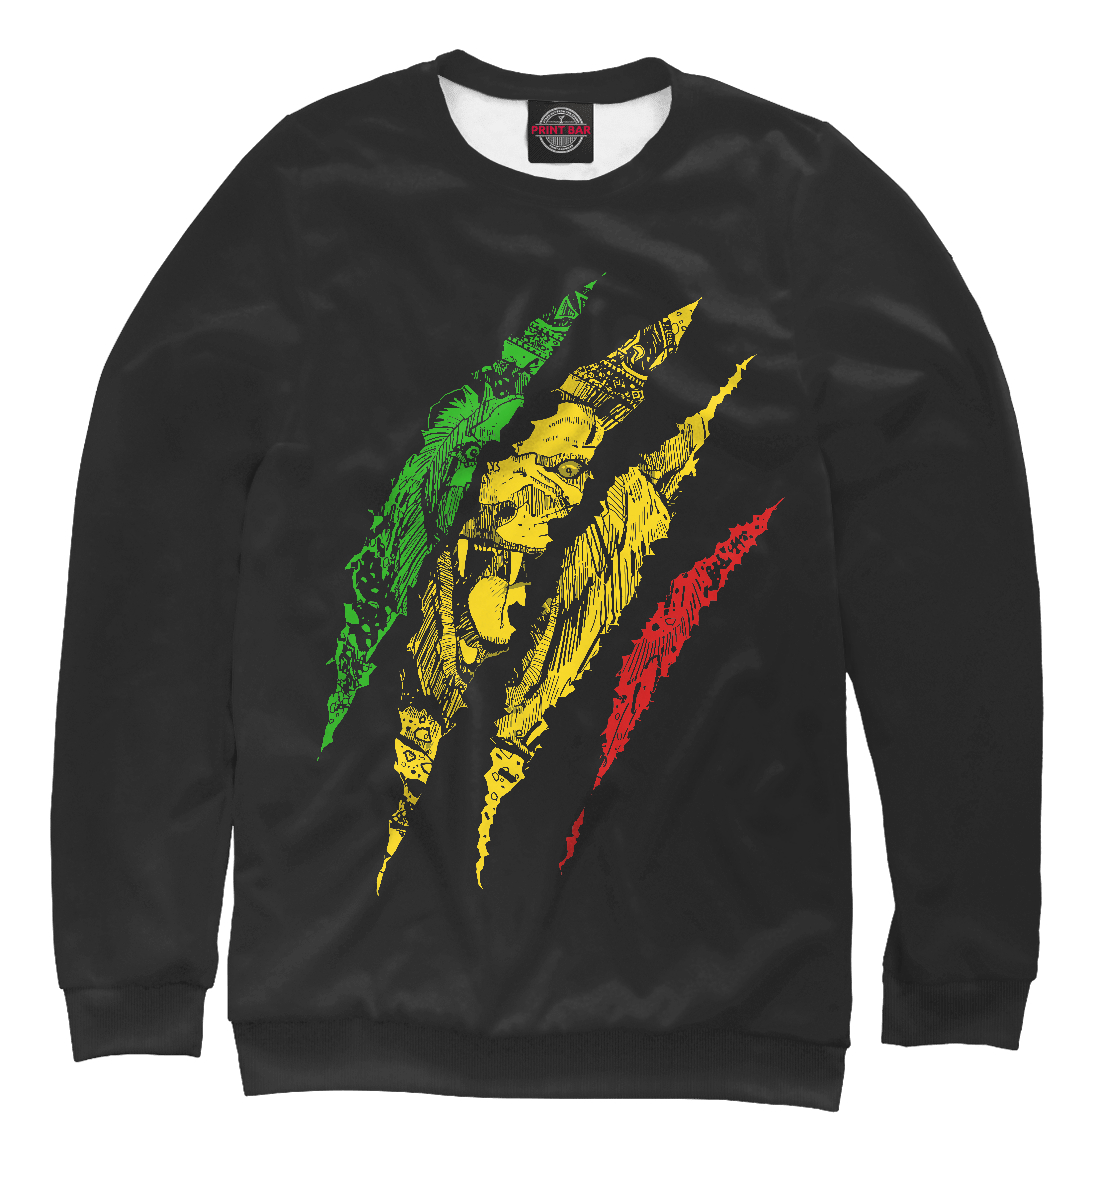 Jamaica Lion, Printbar, Свитшоты, HIS-240342-swi-2  - купить со скидкой